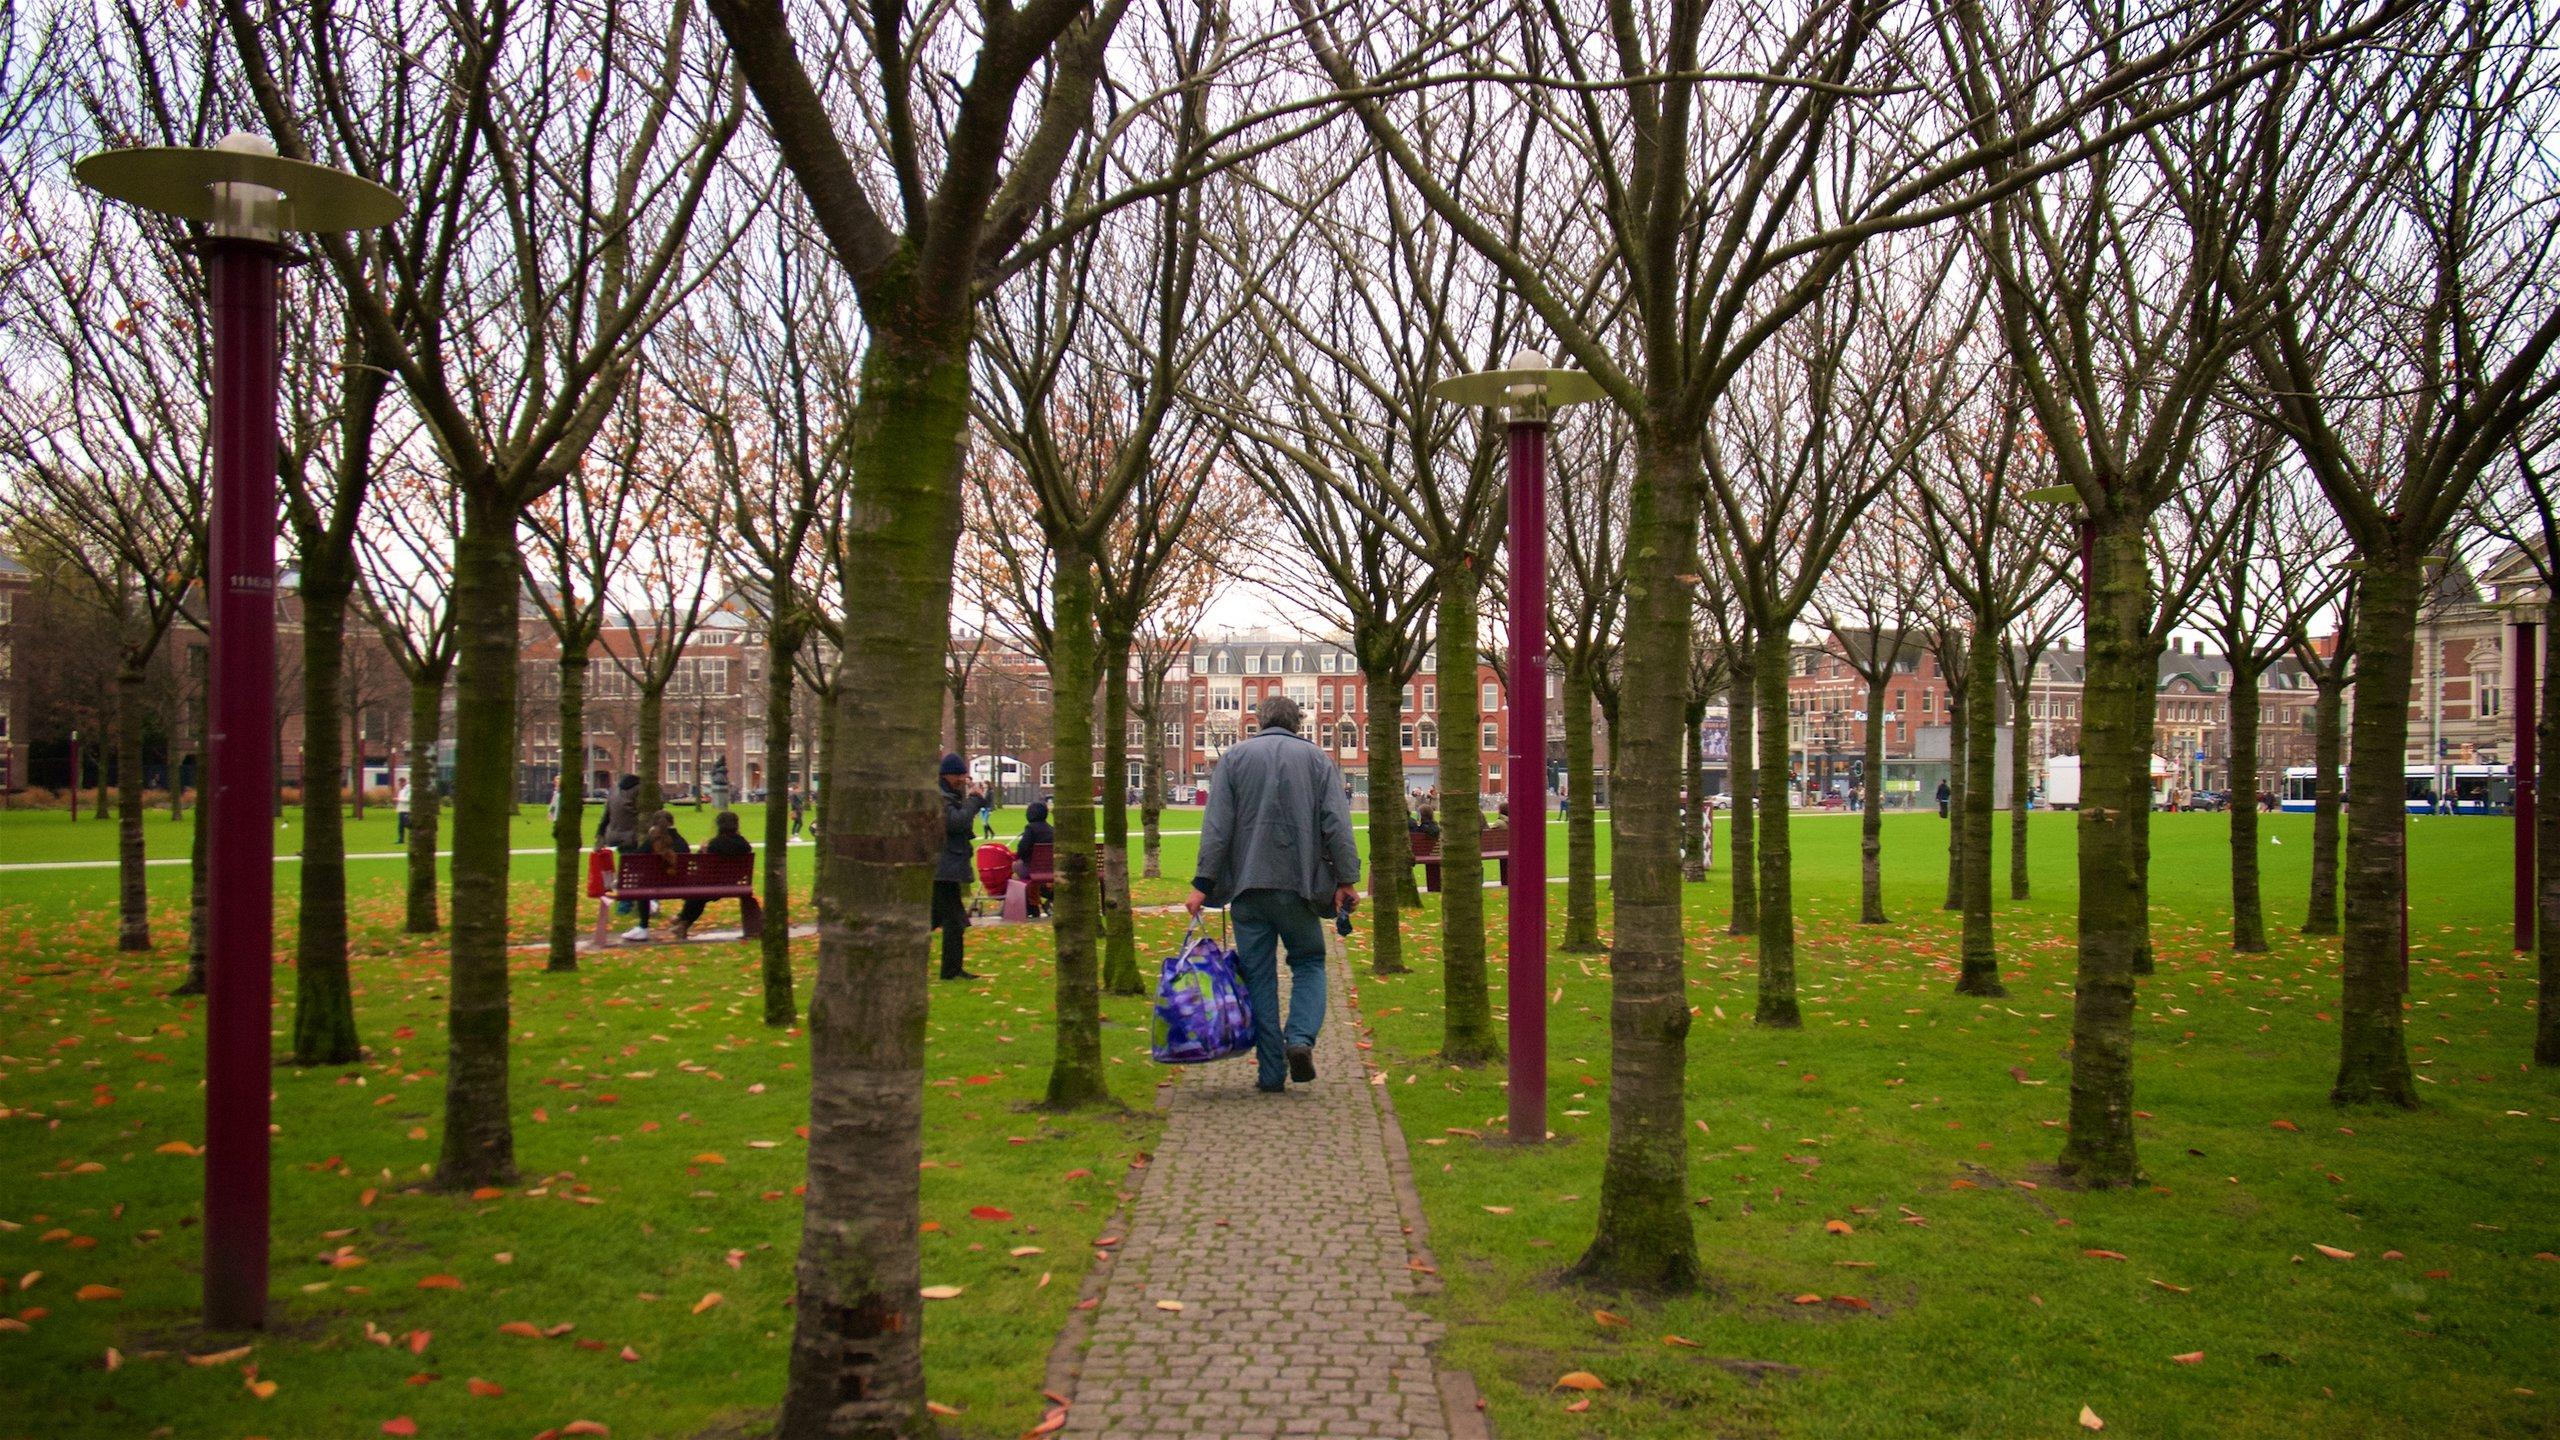 Museumplein, Amsterdam, Nordholland, Niederlande